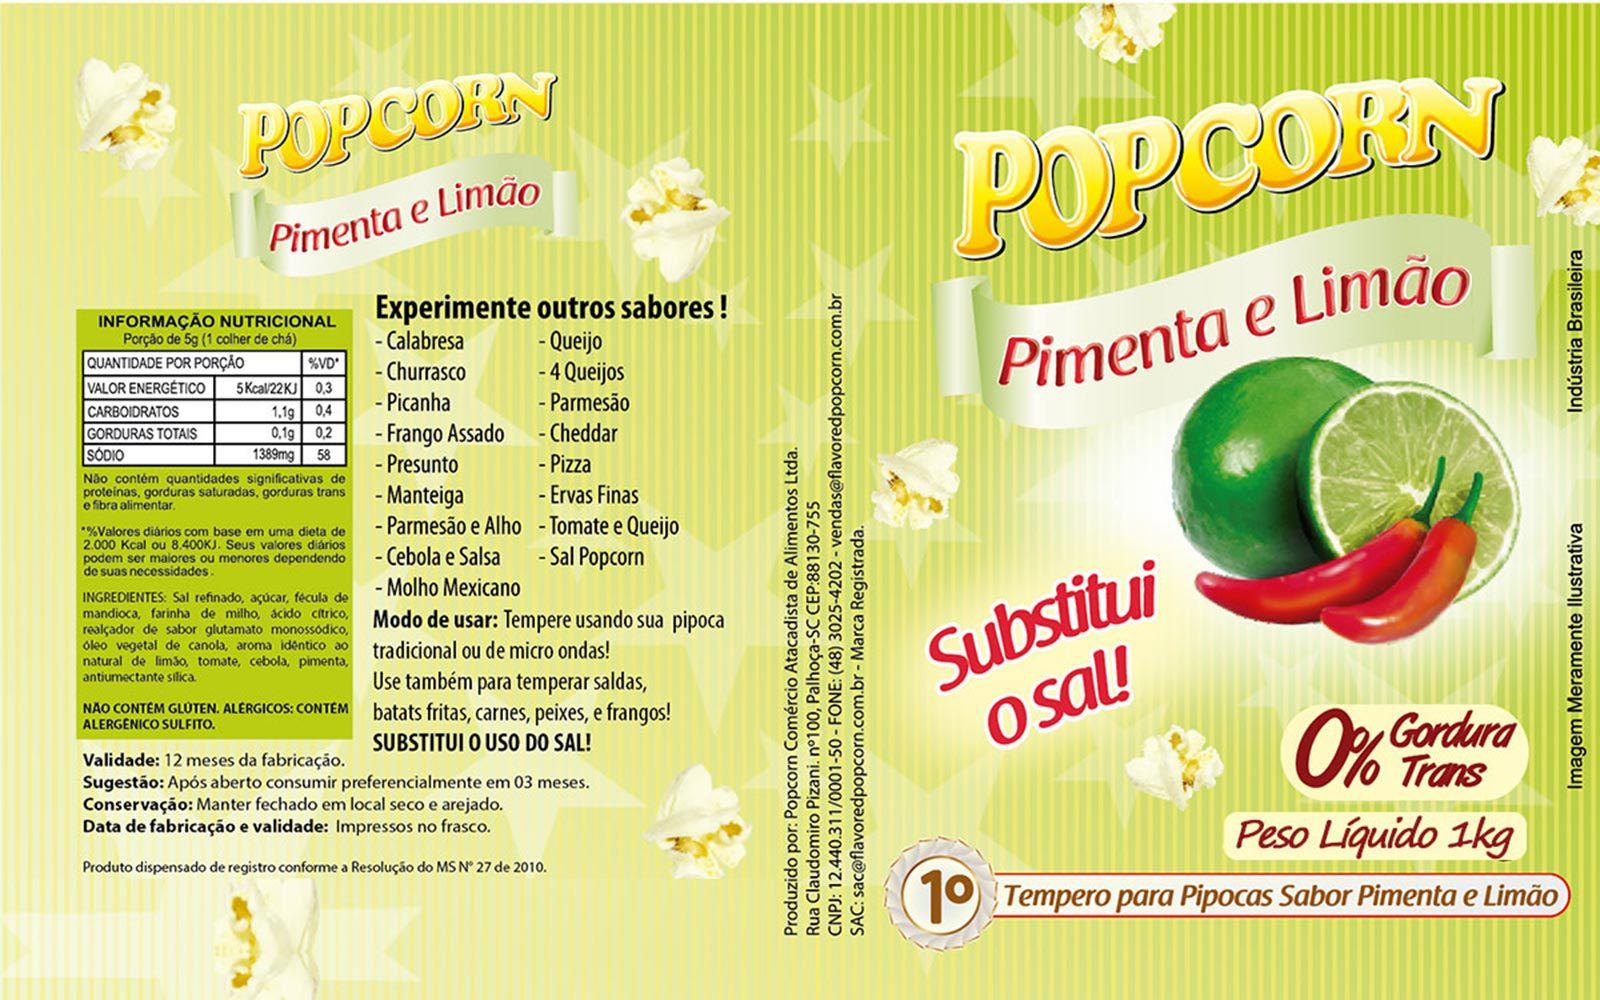 Tempero Pipoca Popcorn - Sabor Pimenta e Limão - 1kg